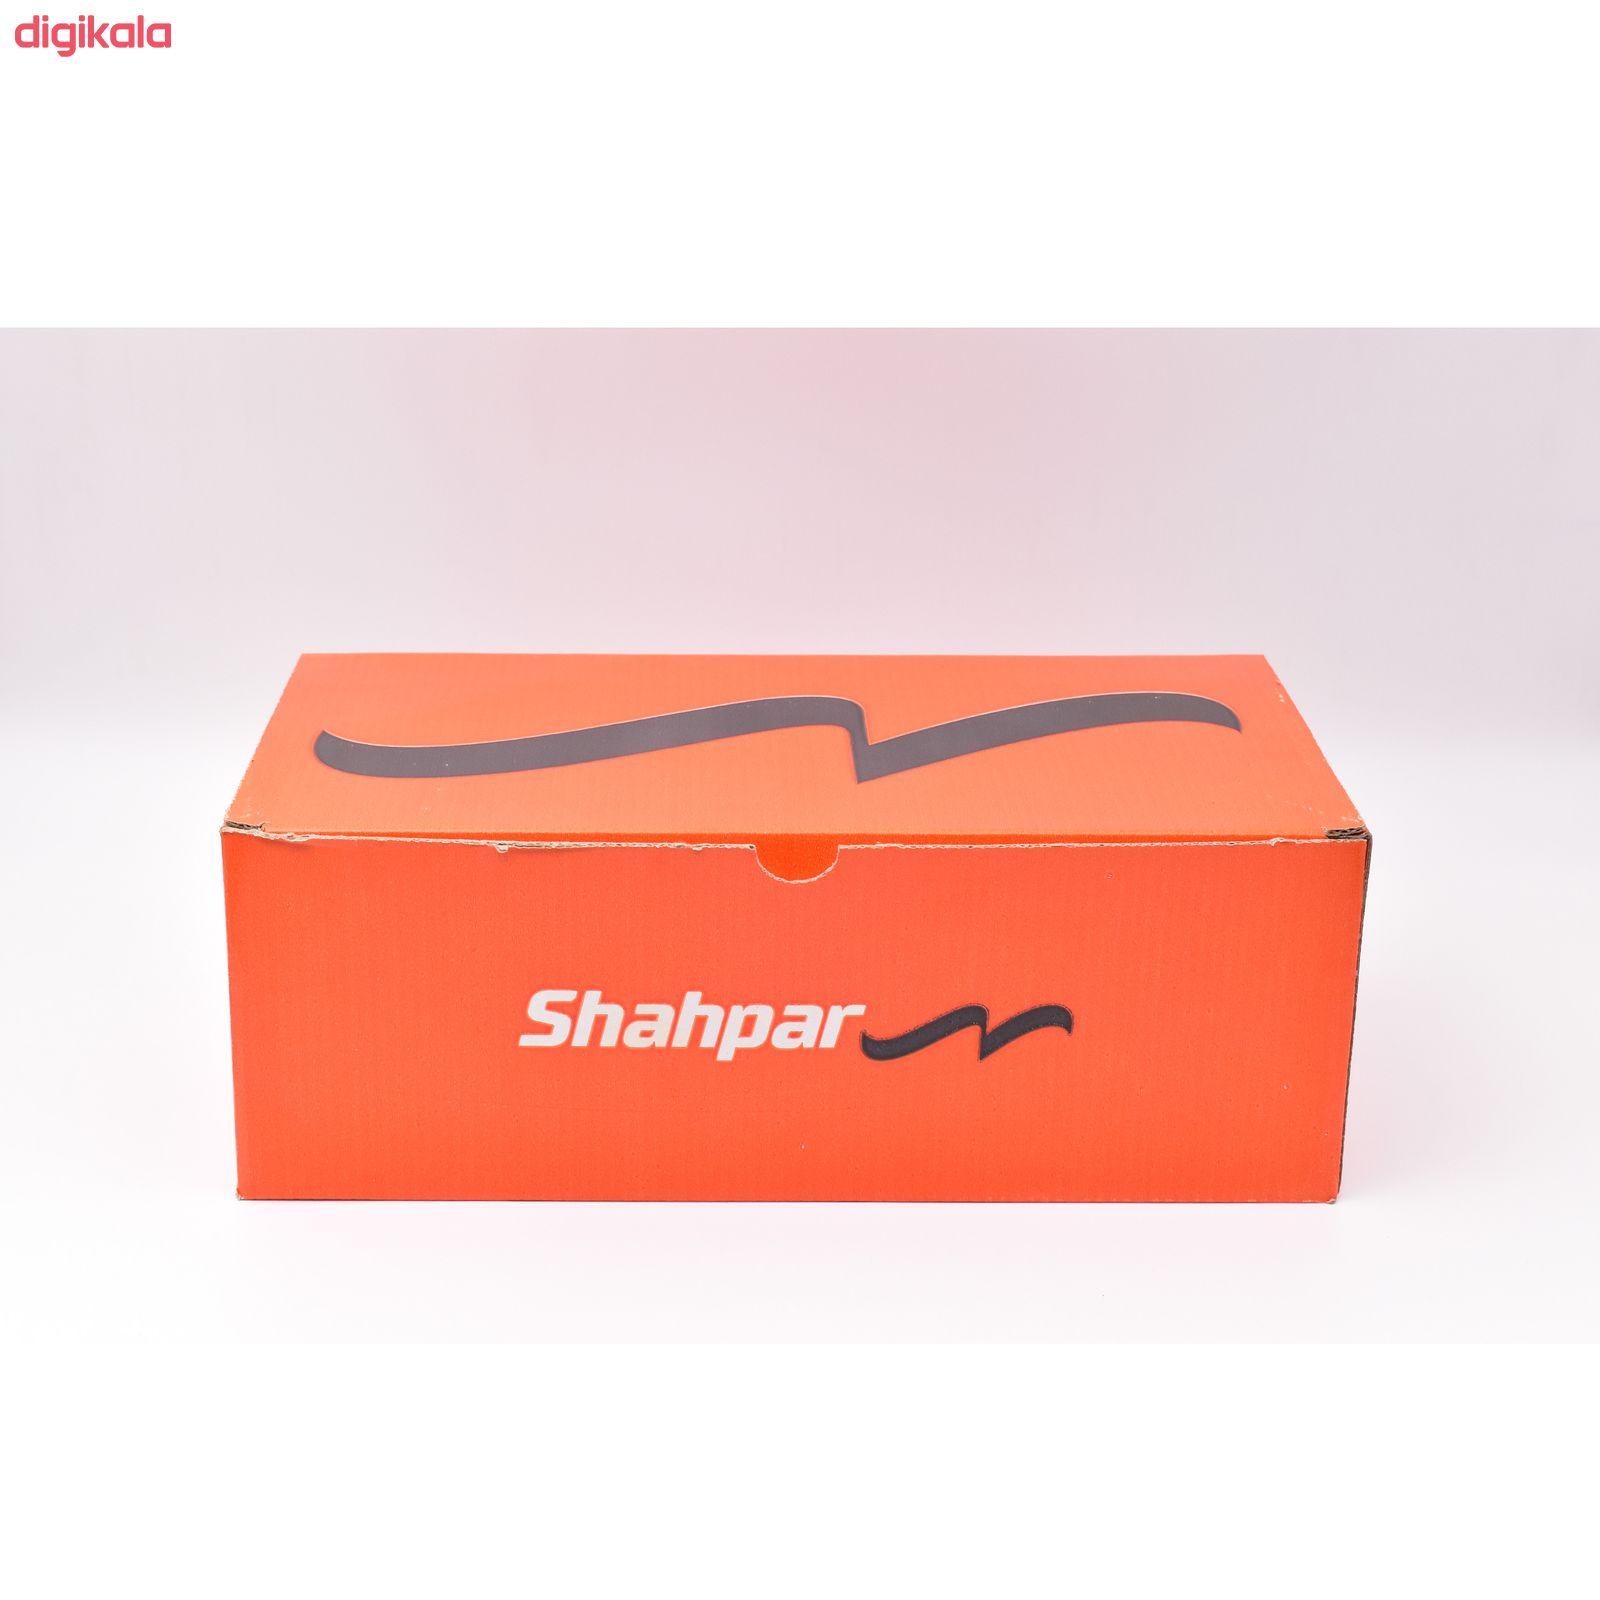 کفش زنانه شهپر مدل رویا 109 کد 7187 main 1 6